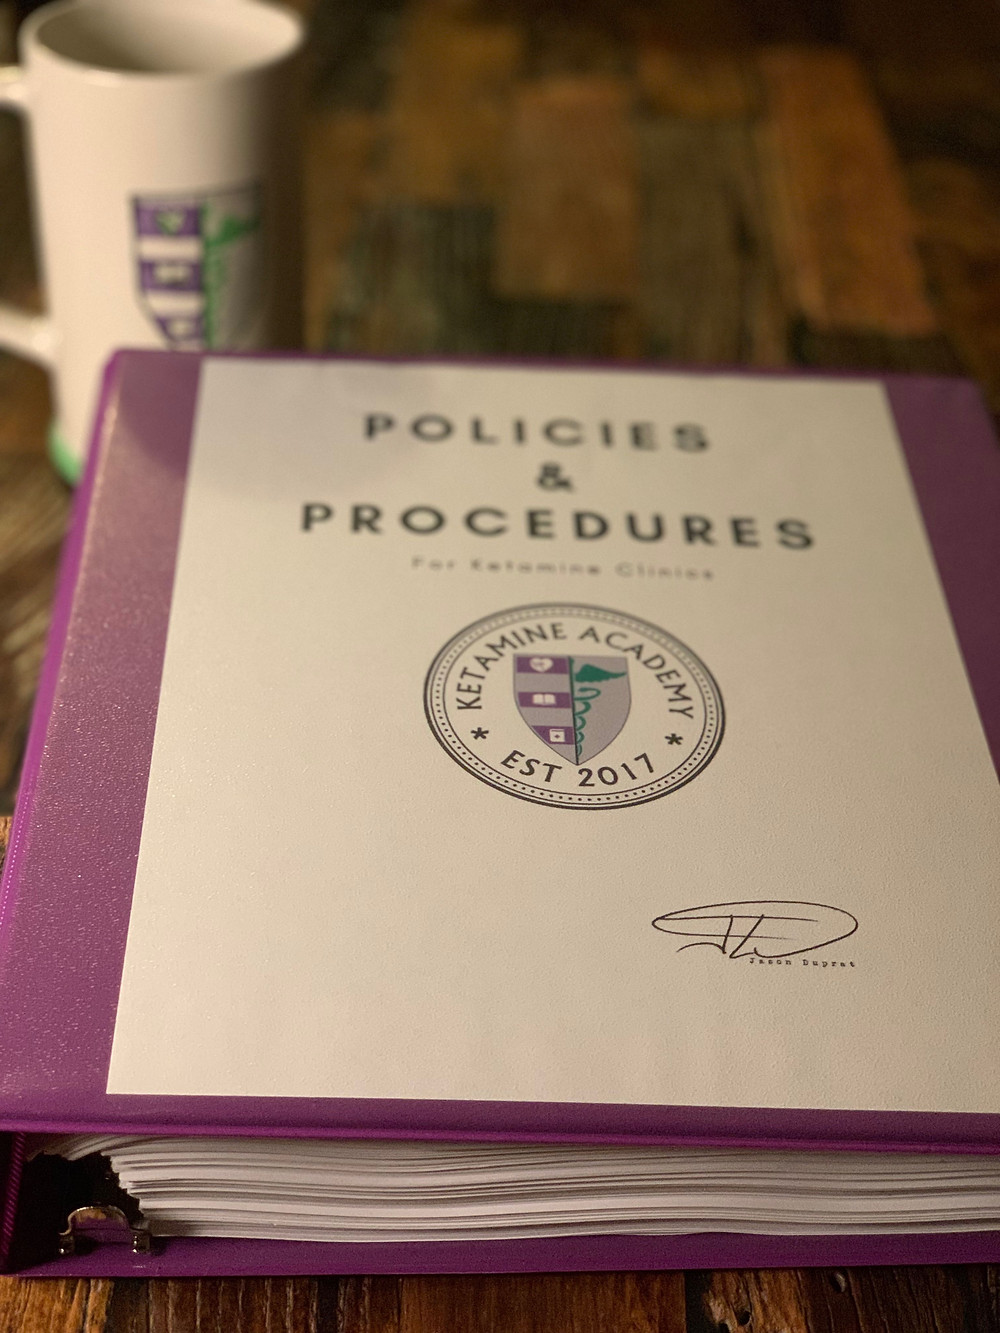 Ketamine Practice Policies and Procedures Manual bt Ketamine Academy | KetamineAcademy.com